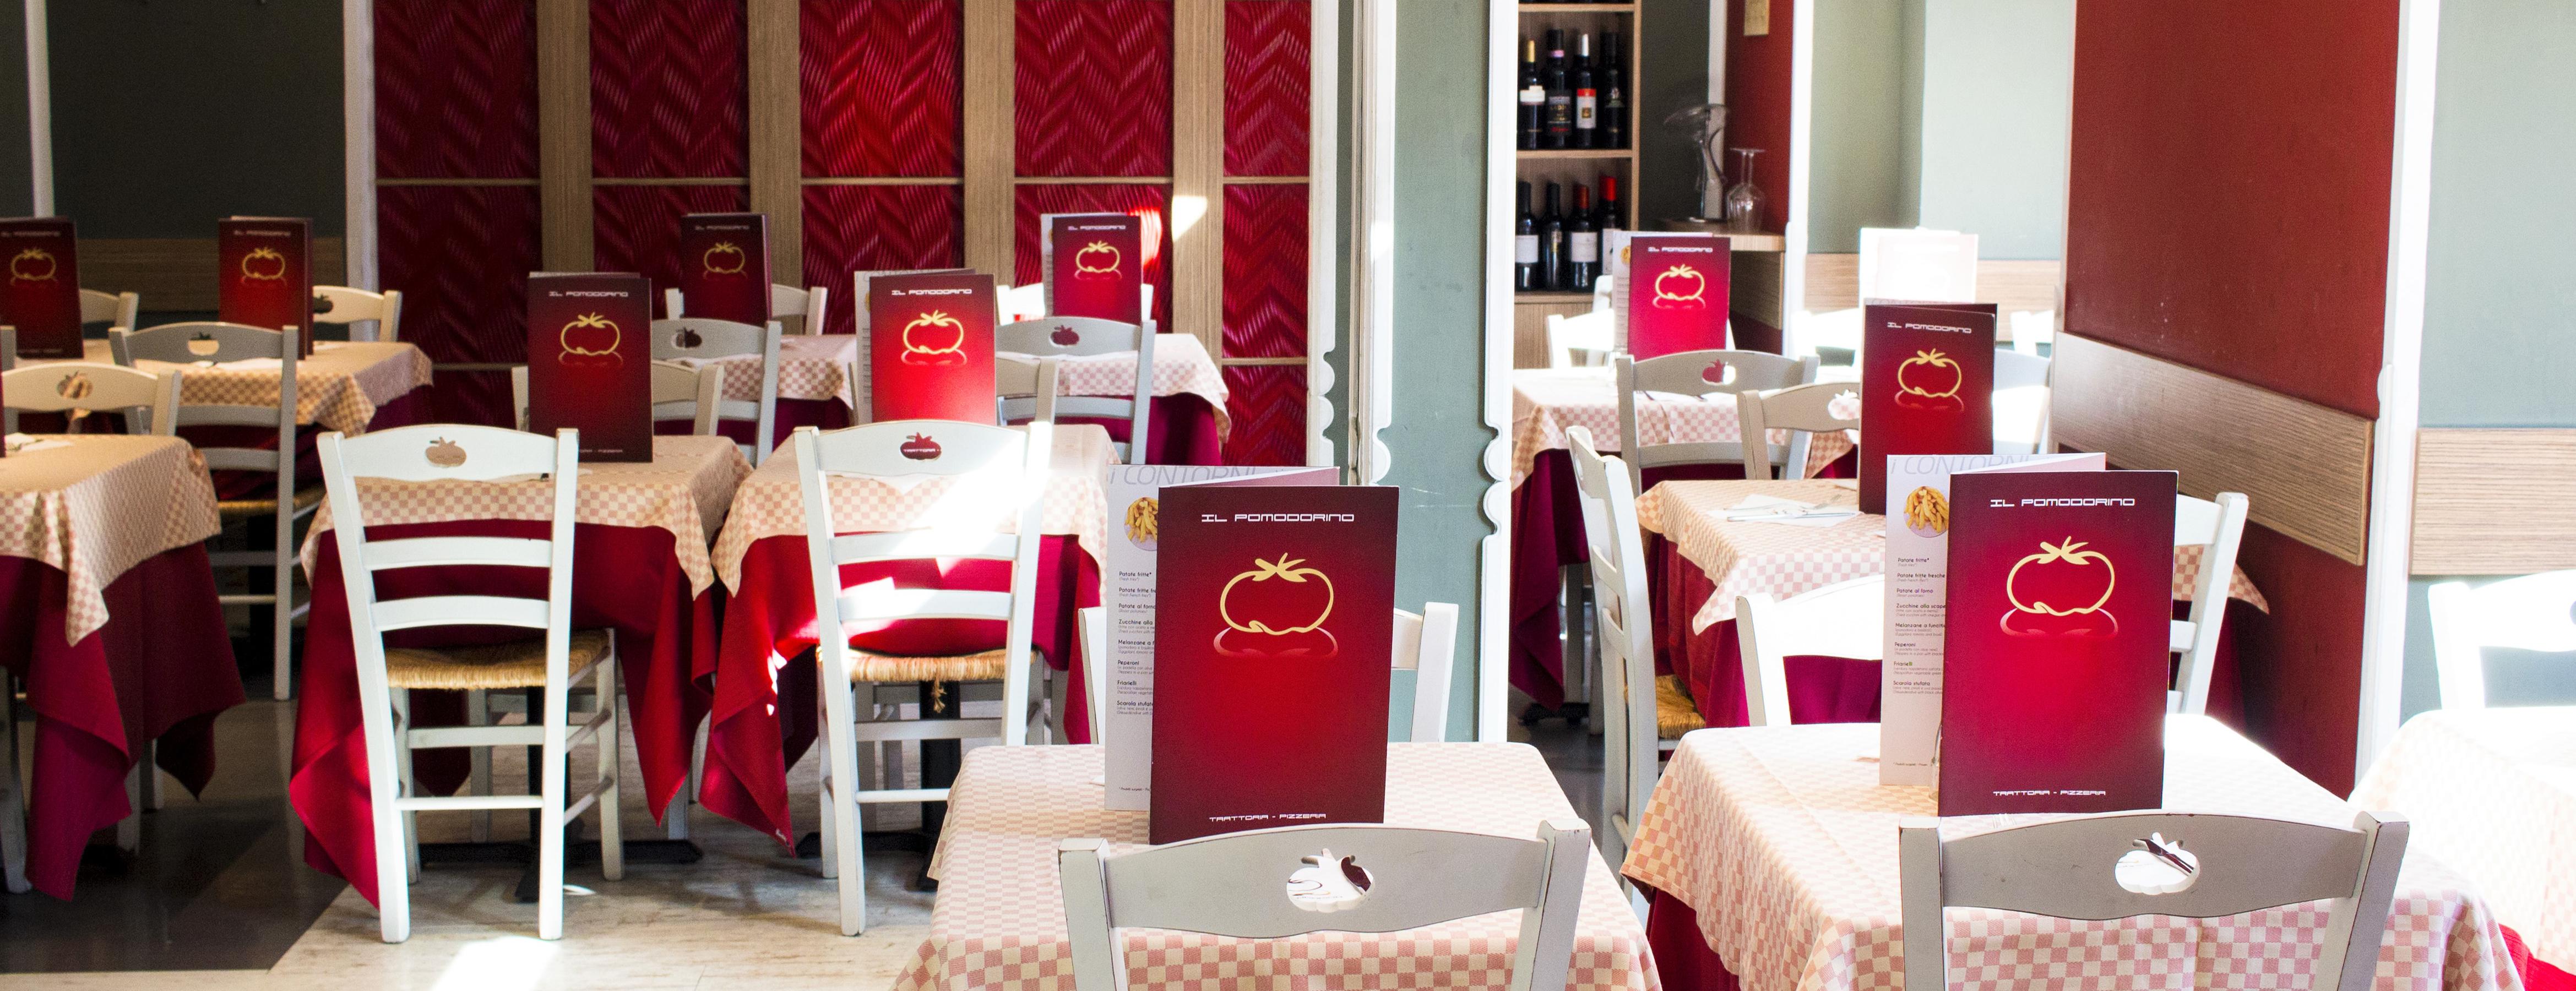 Ristorante Il Pomodorino: un viaggio alla scoperta dei sapori della cucina mediterranea con cinque ristoranti a Milano e due a Napoli.